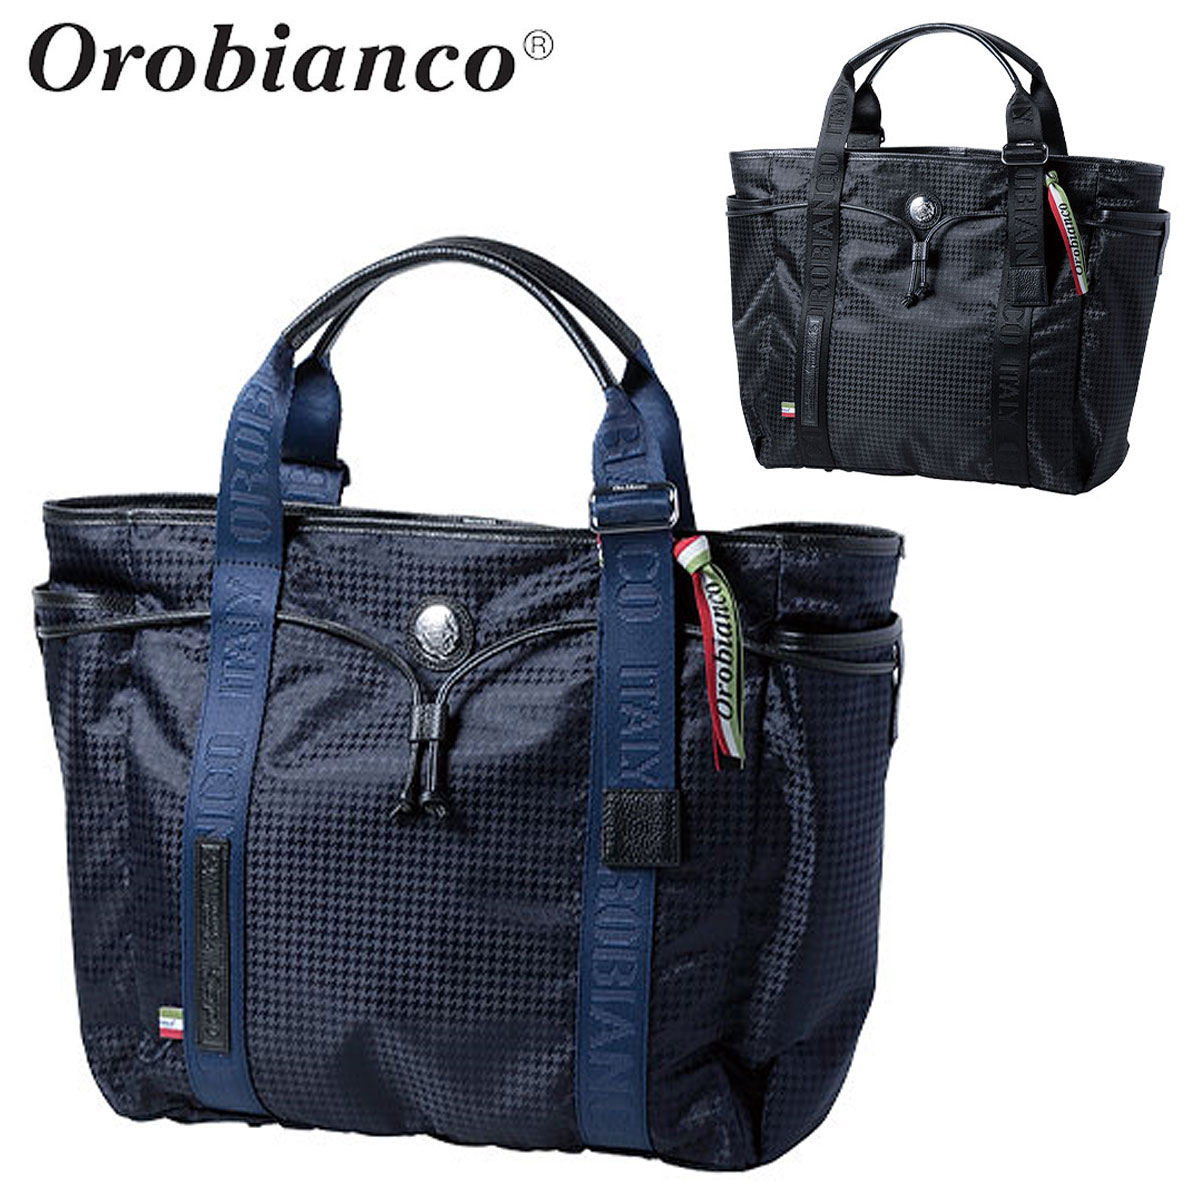 【【最大3300円OFFクーポン】】Orobianco(オロビアンコ)日本正規品 トートバッグ 2020新製品 「ORT1001」 【あす楽対応】